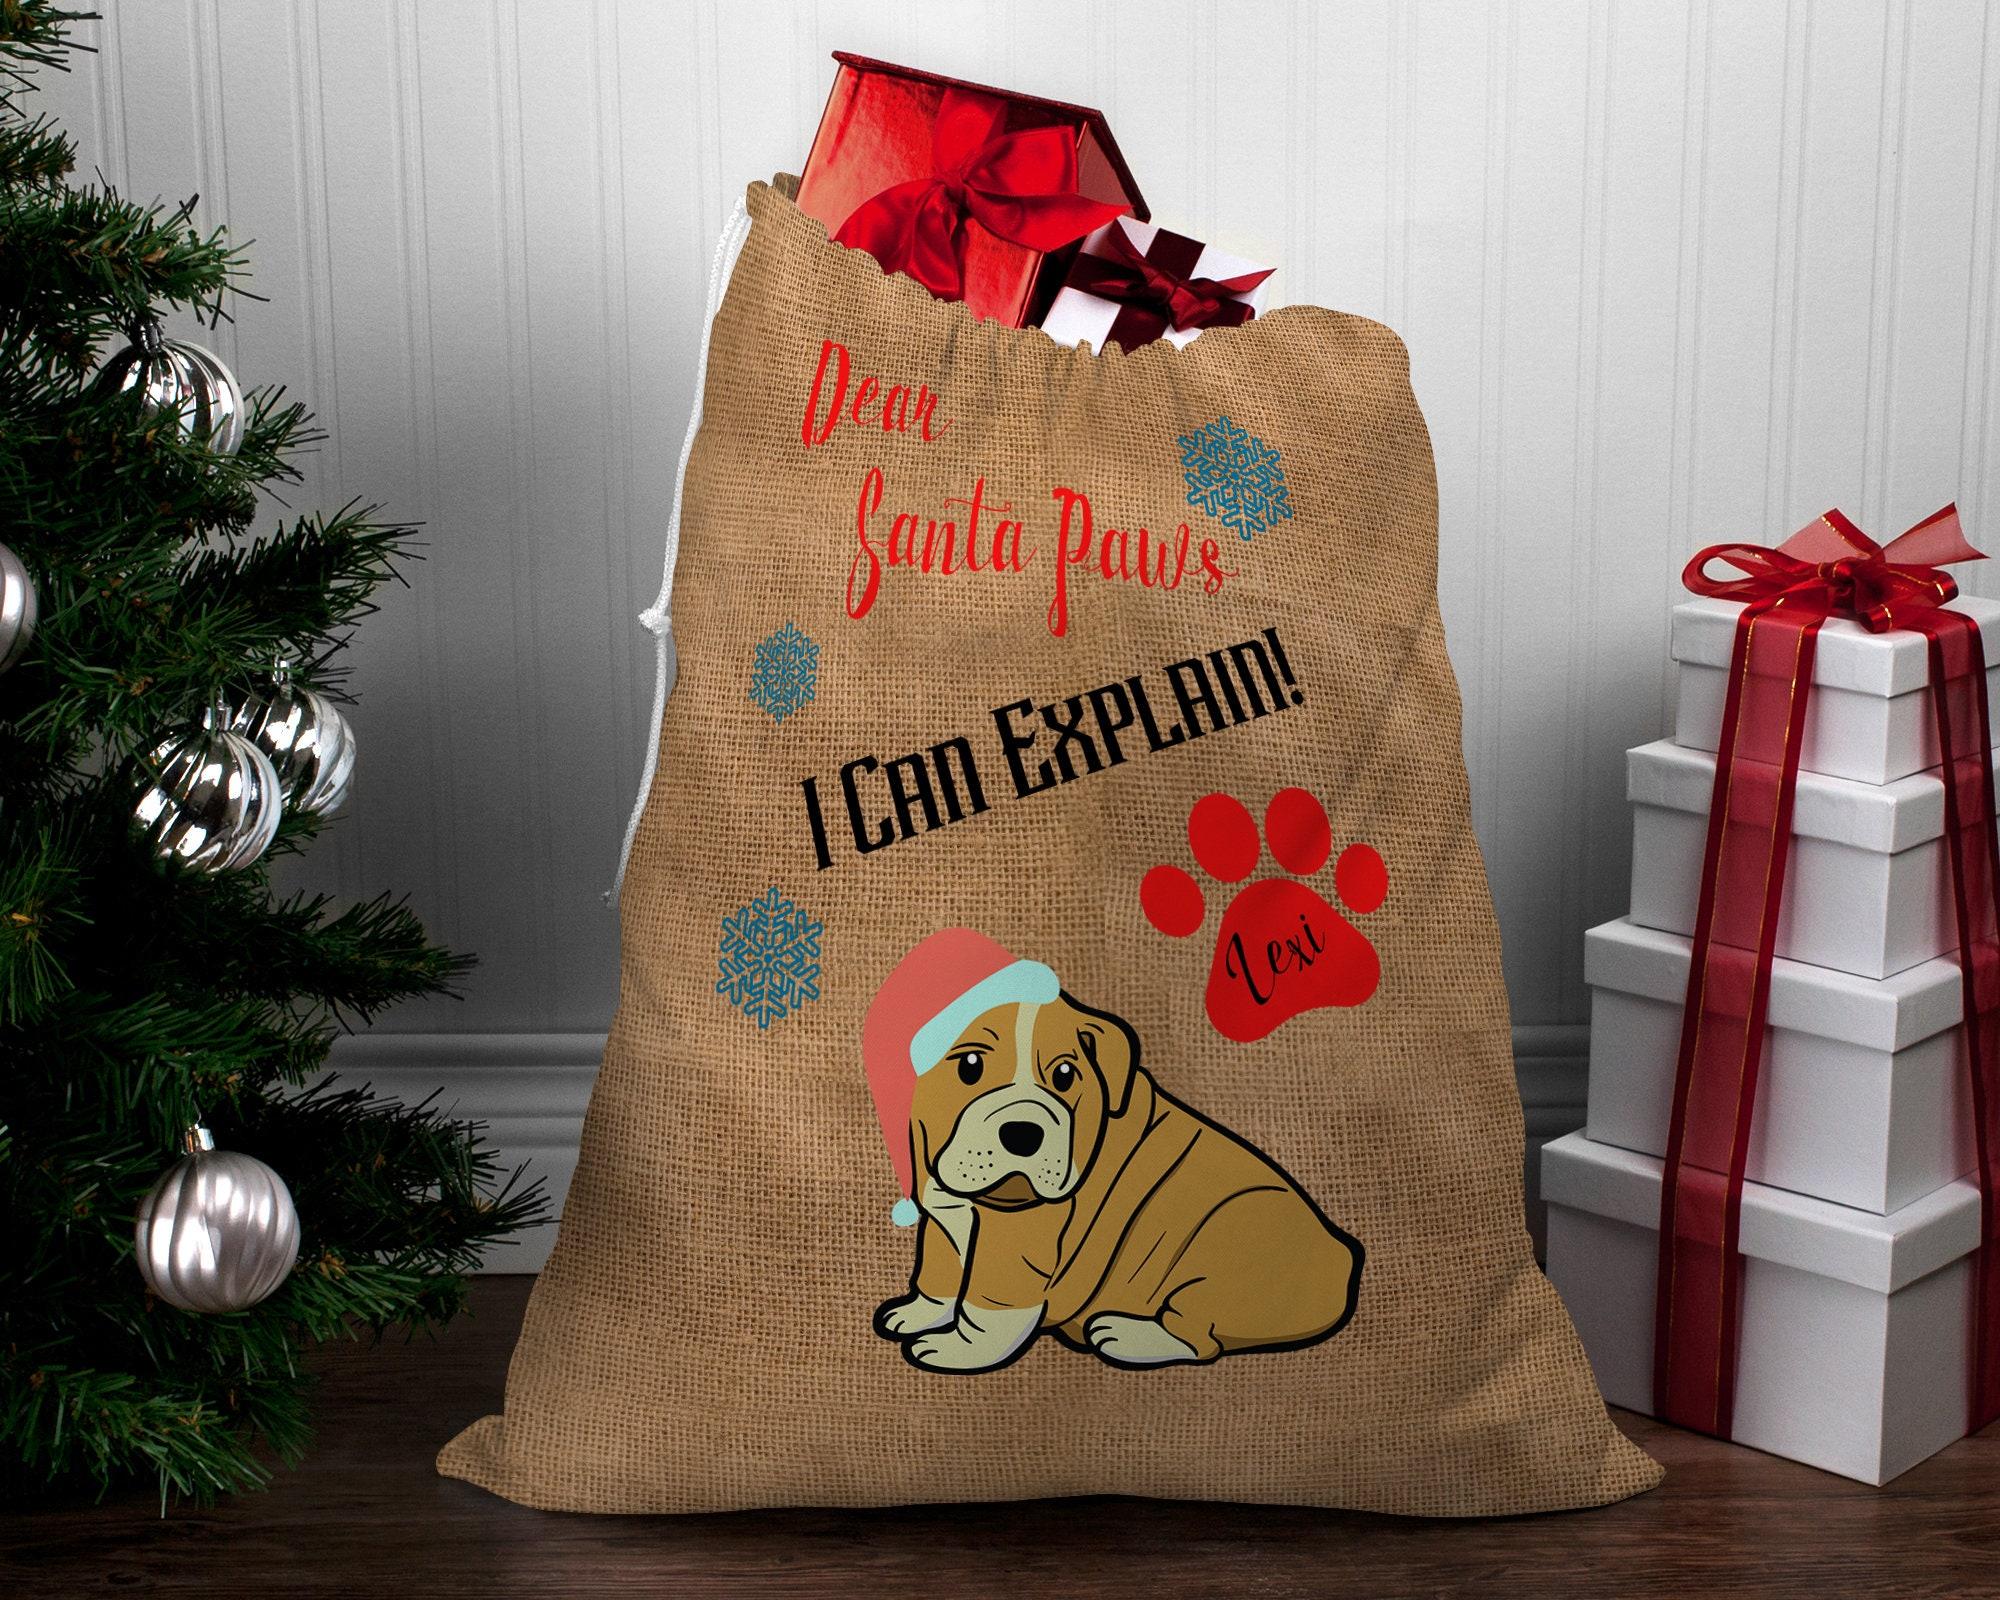 LARGE Personalized Hessian Santa Paws Sack CUSTOM NAME